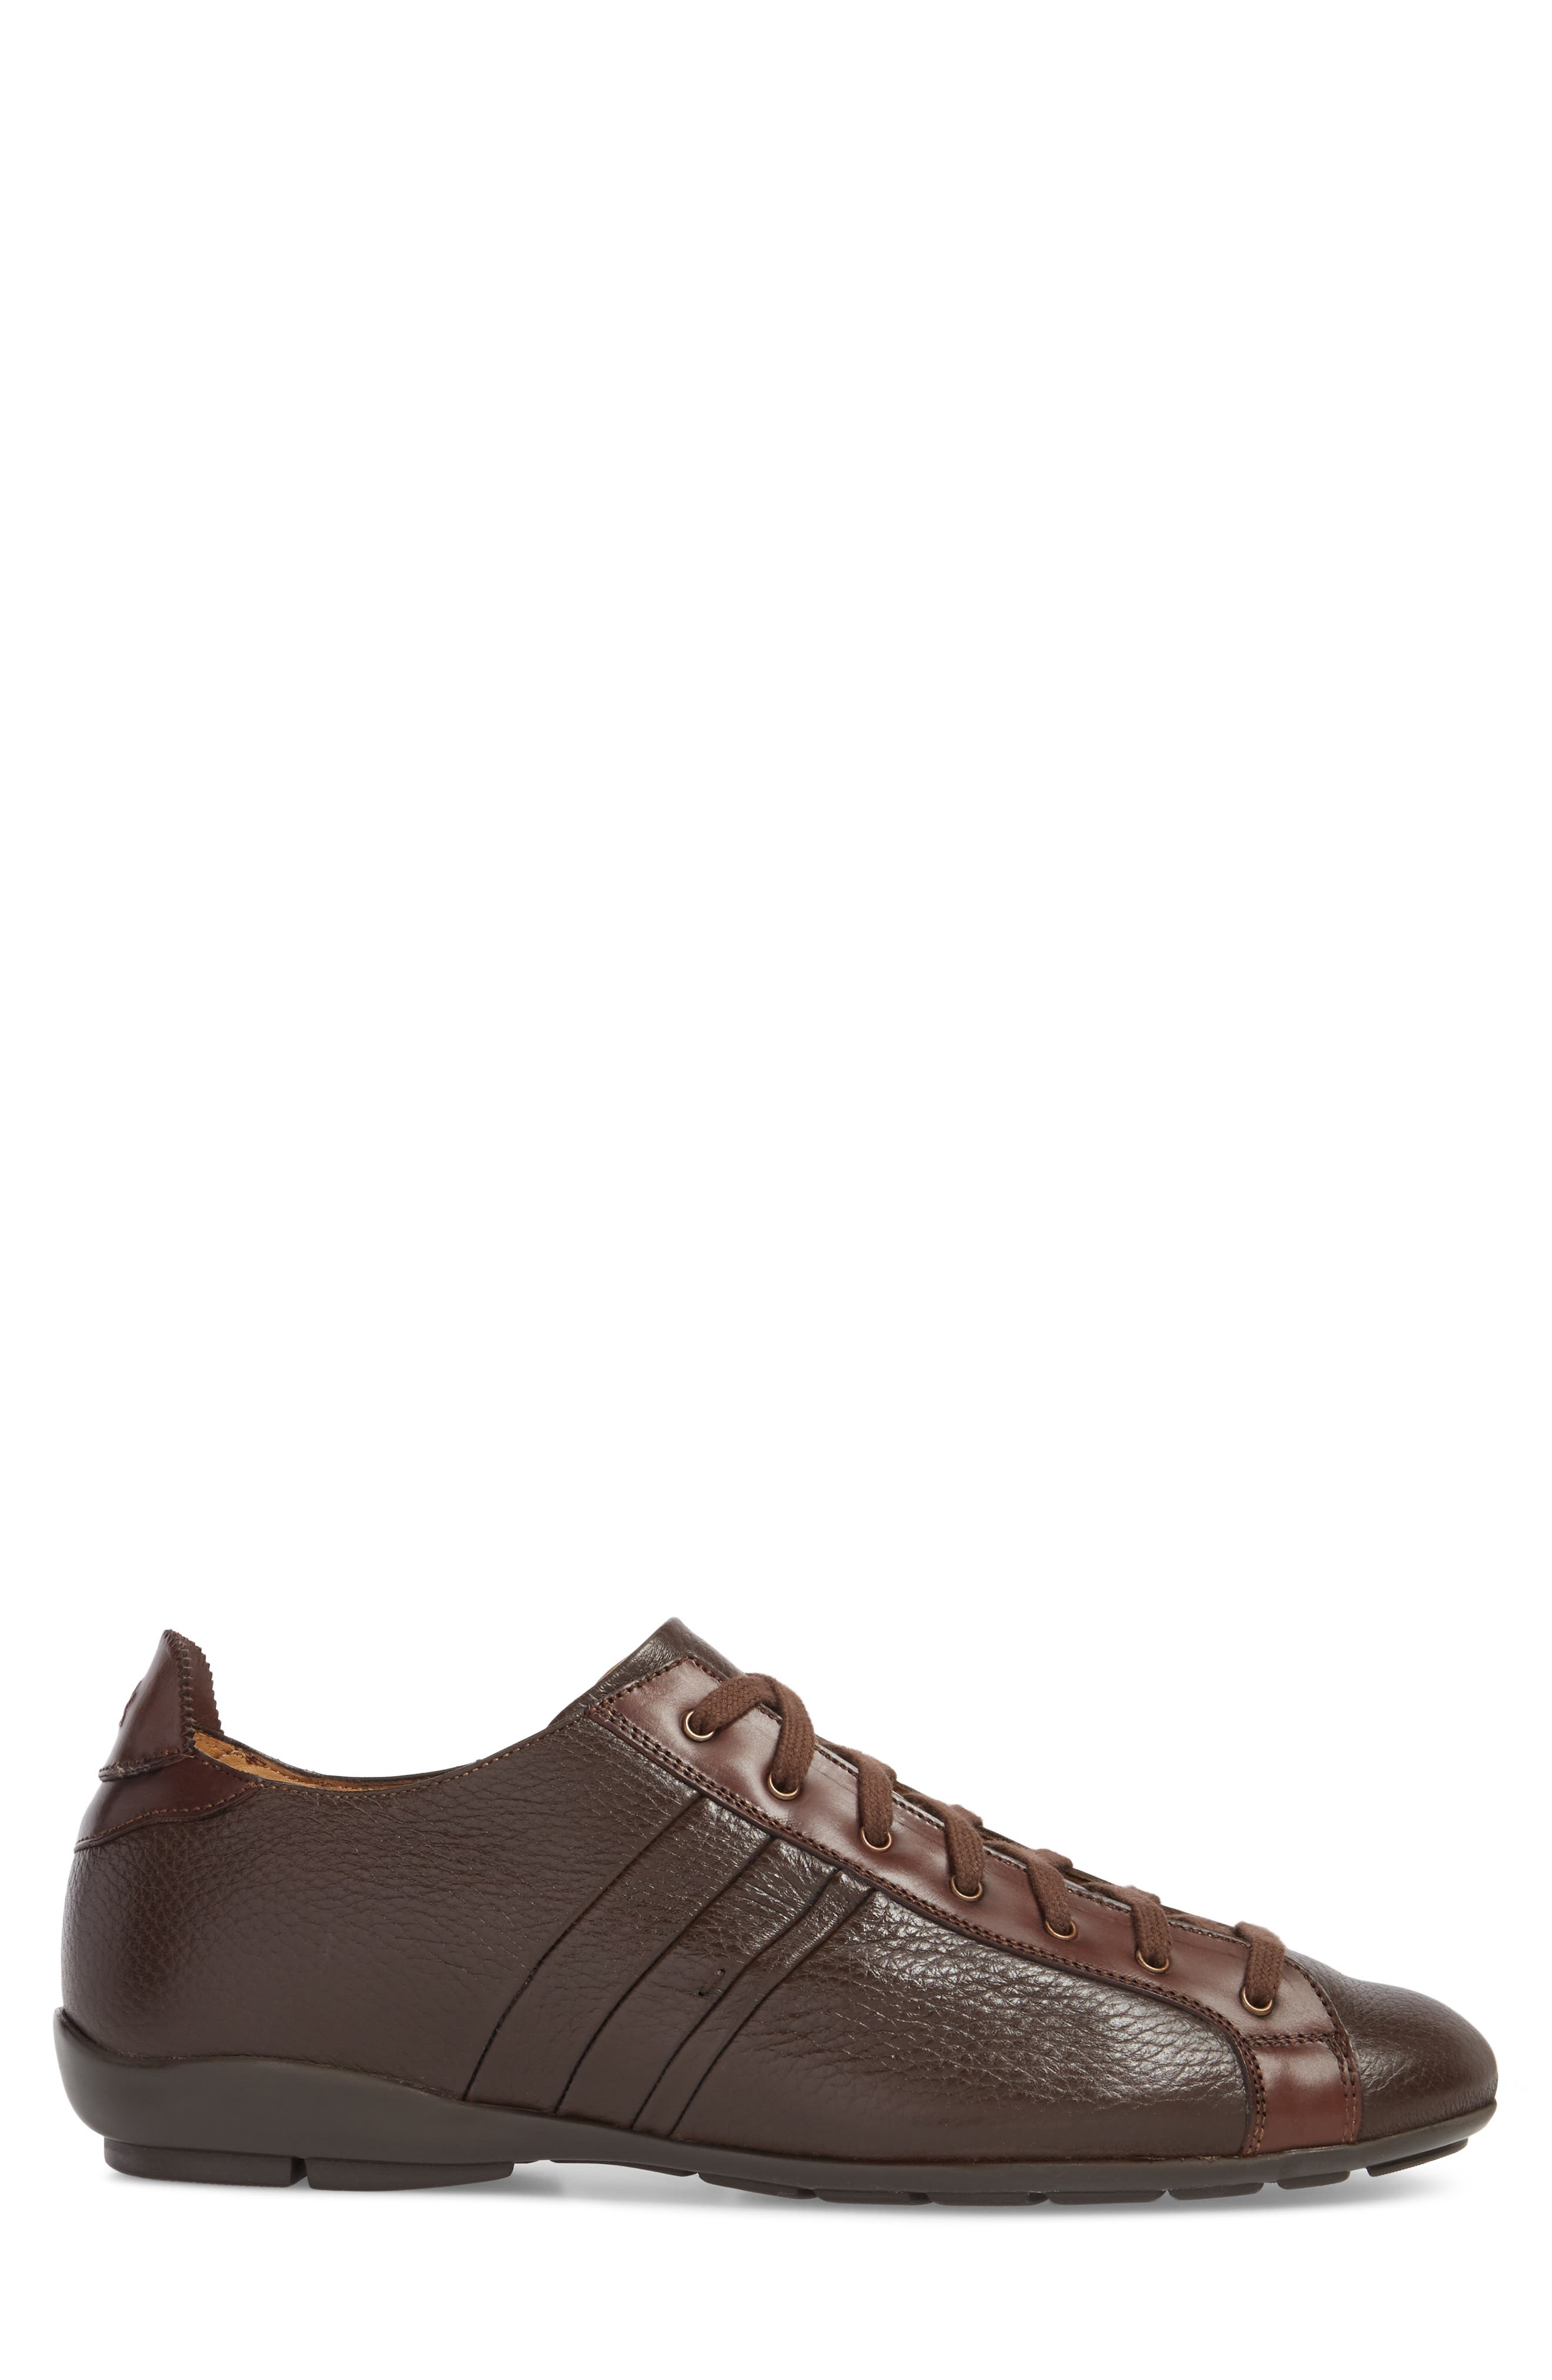 Tiberio Sneaker,                             Alternate thumbnail 3, color,                             Brown